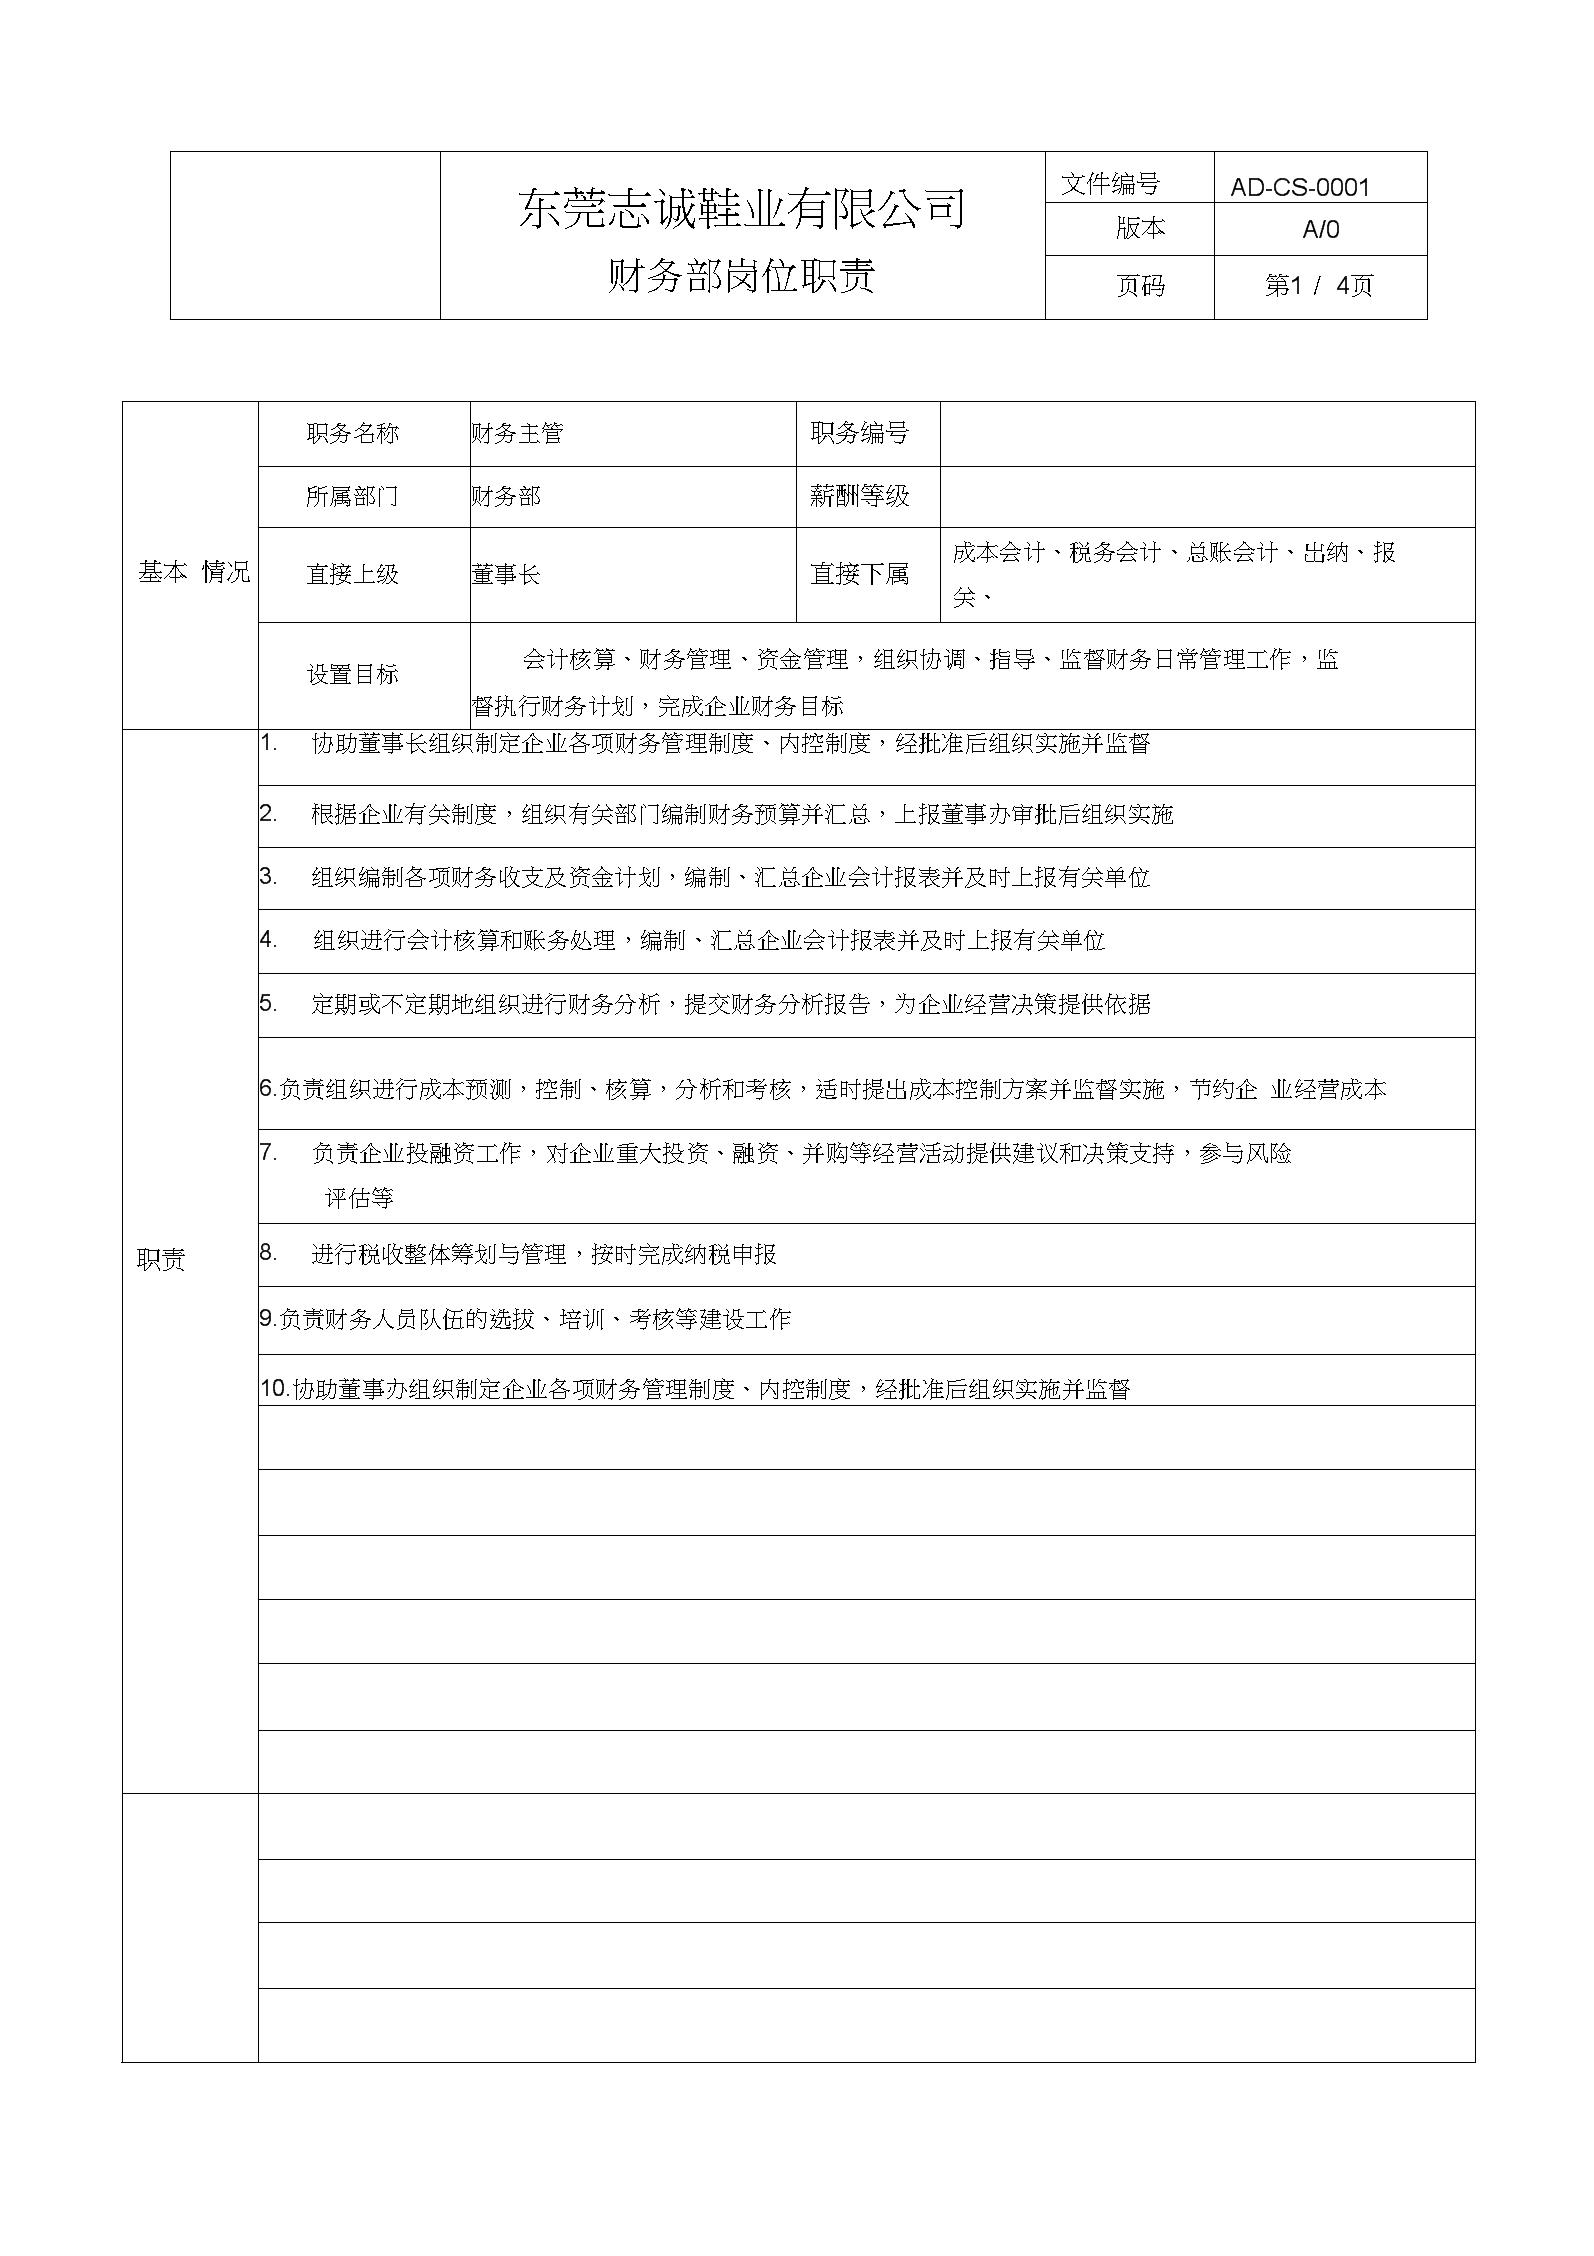 0001财务部岗位职责.docx